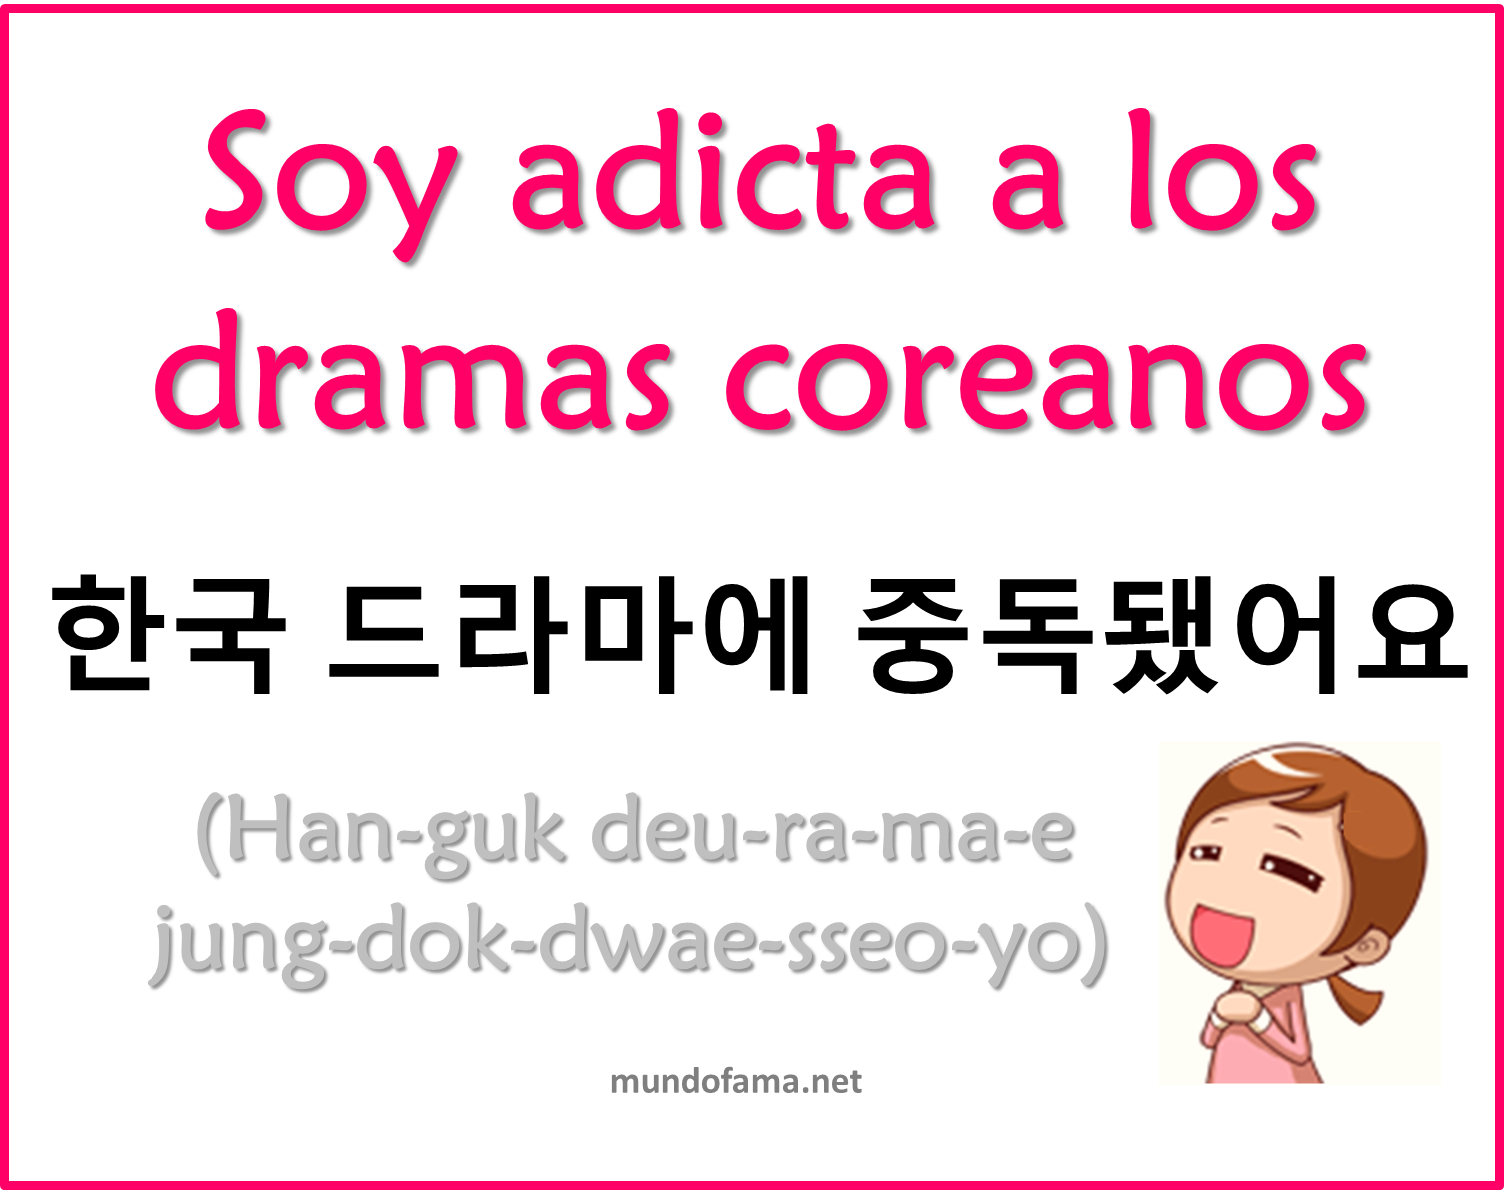 Frases De Amor En Portugués Traducidas Al Español: Señorita Doramera: Aprendamos Coreano